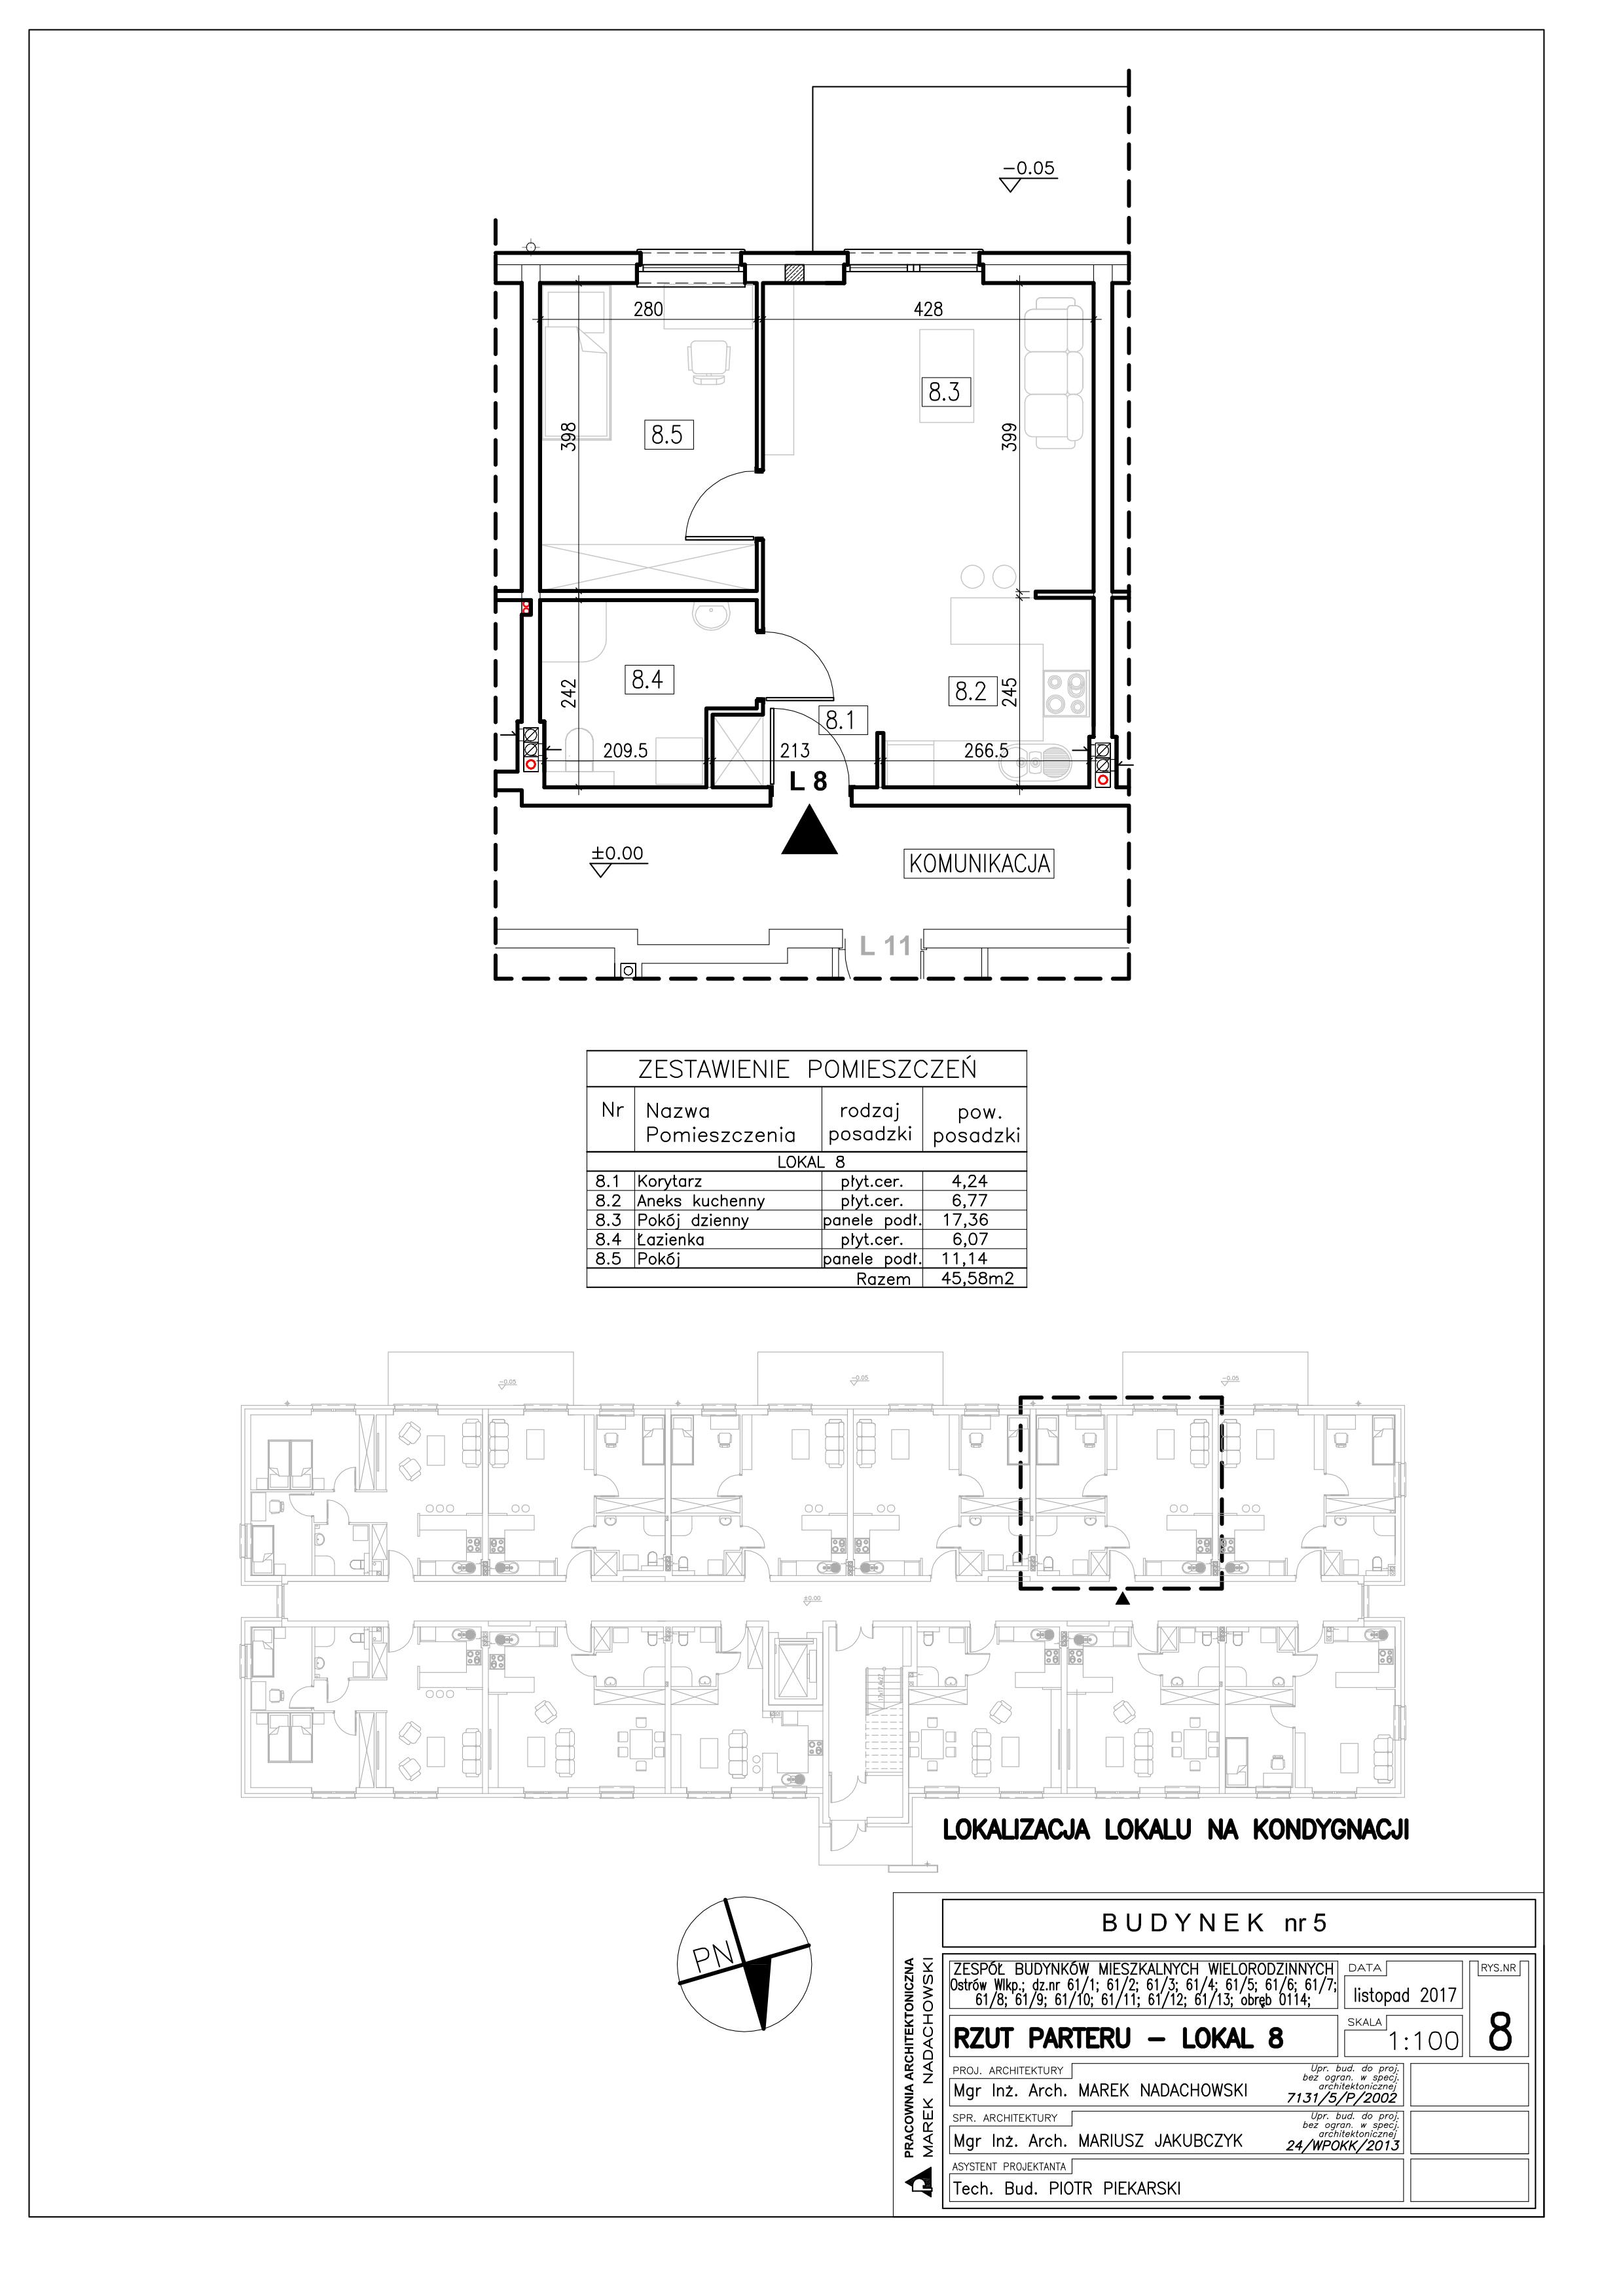 Lokal nr 8 Powierzchnia: 45,58 m2